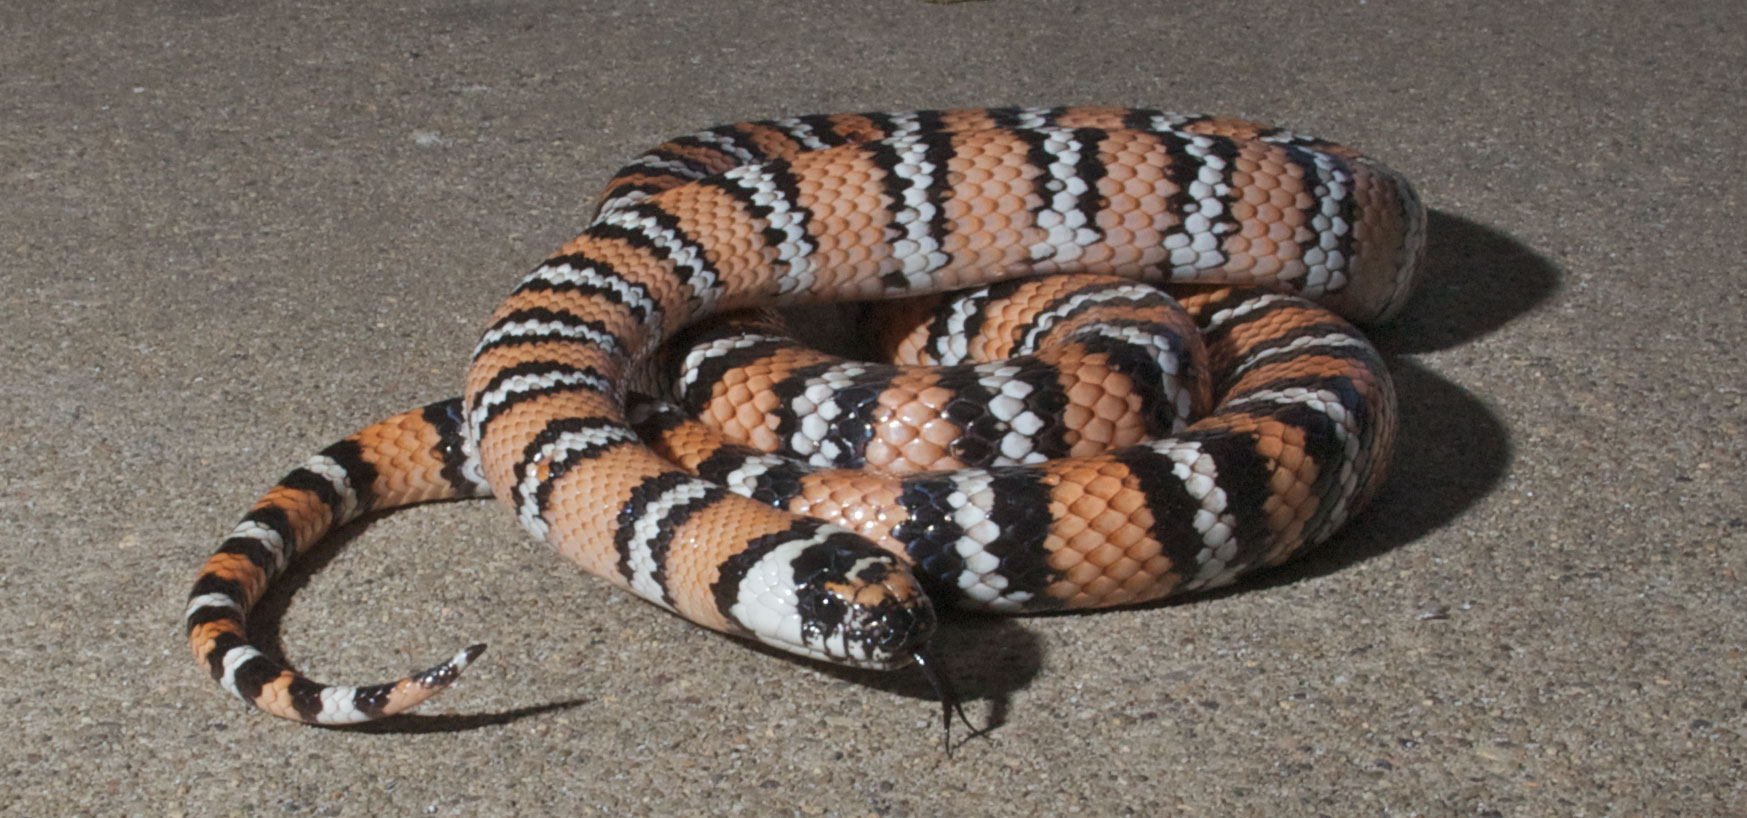 common king snake